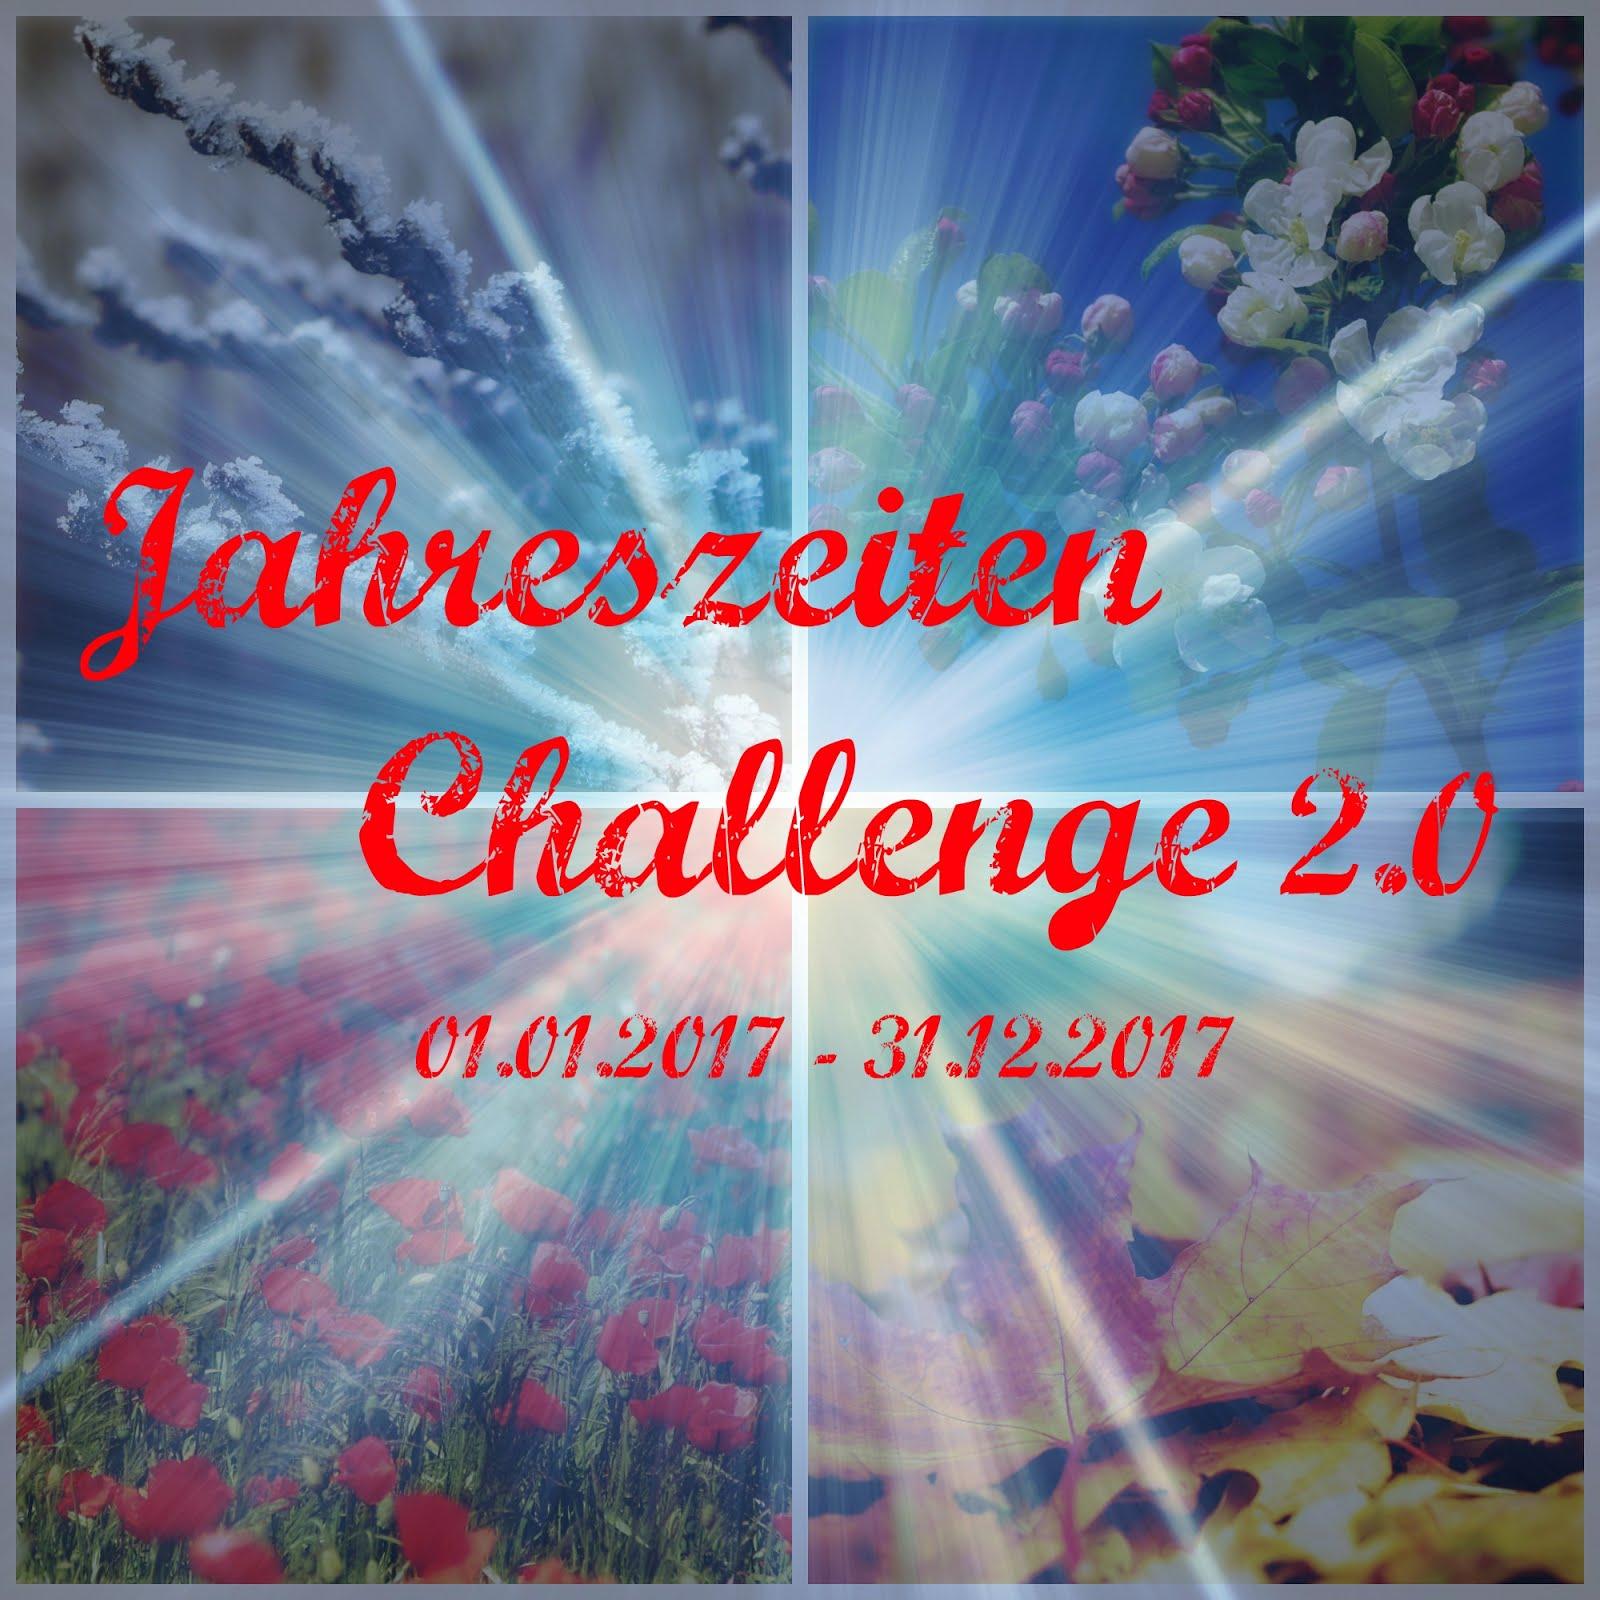 Jahreszeiten Challenge 2.0